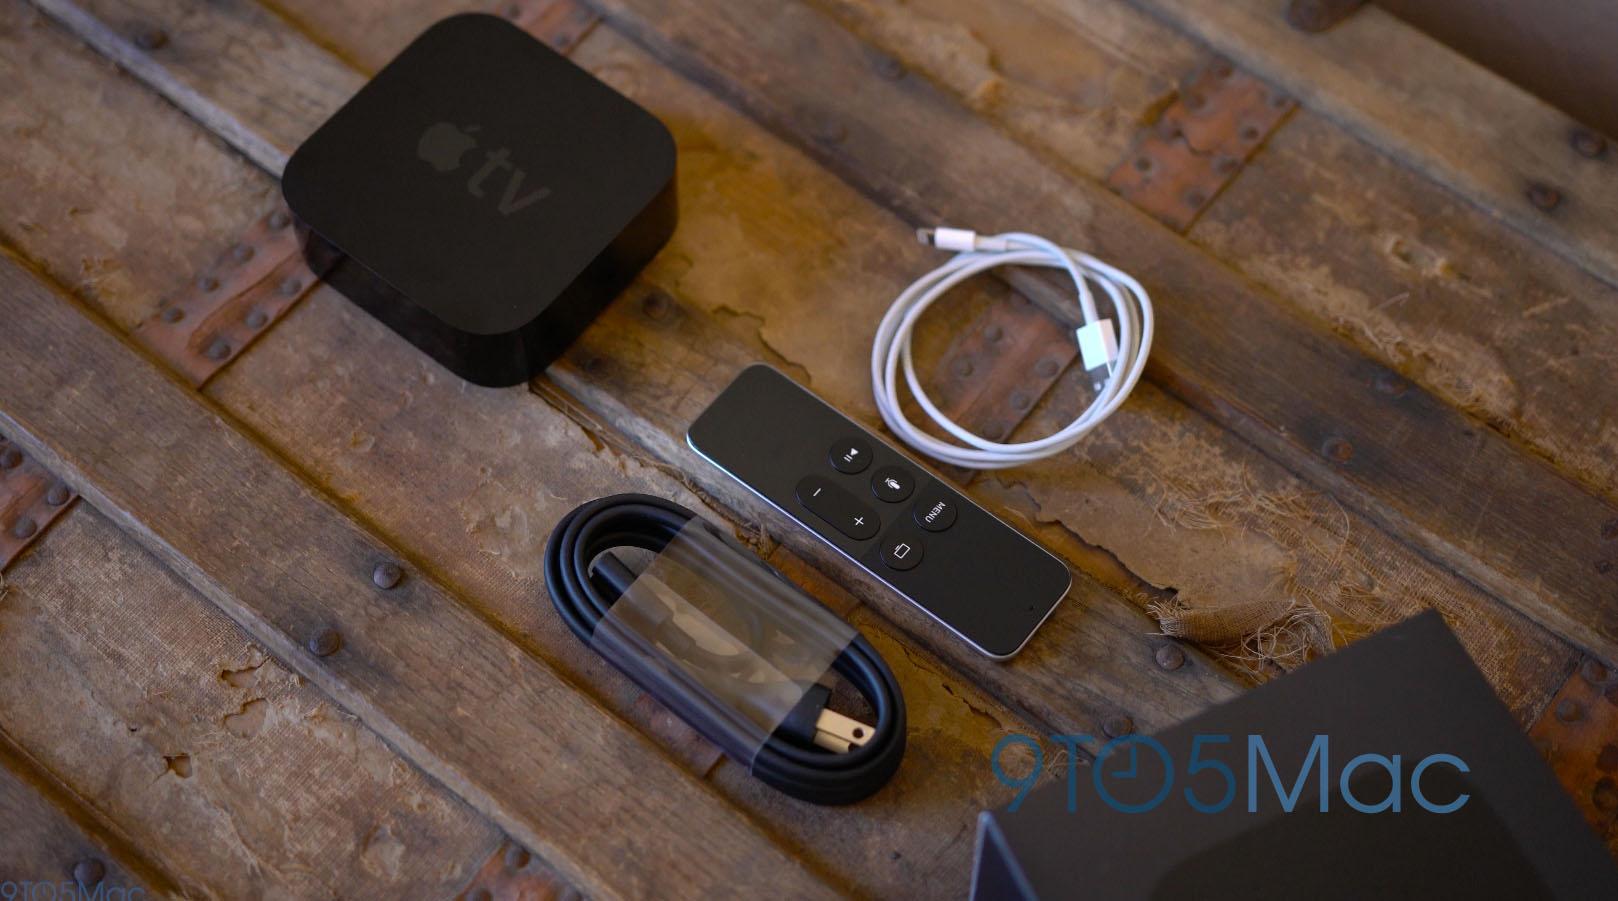 O que há na caixa da Apple TV